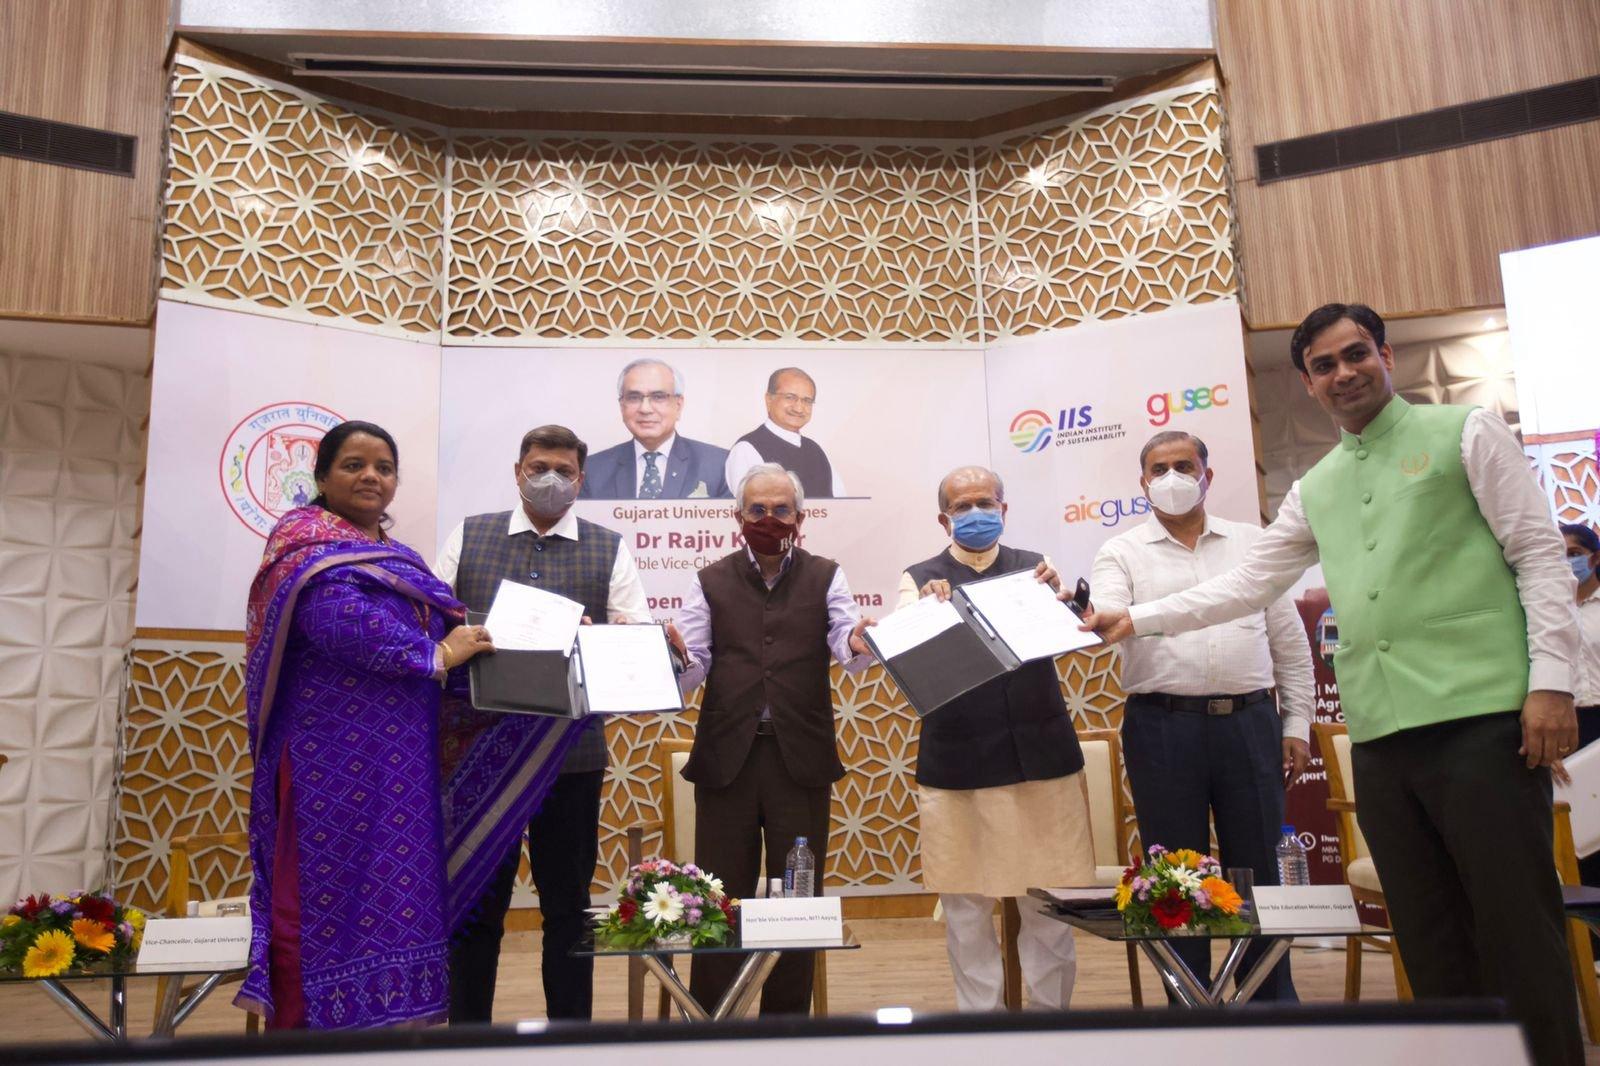 कृषि के क्षेत्र में सहयोग को बढ़ावा देने के लिए नीति आयोग और गुजरात विश्वविद्यालय ने आशय पत्र पर हस्ताक्षर किए